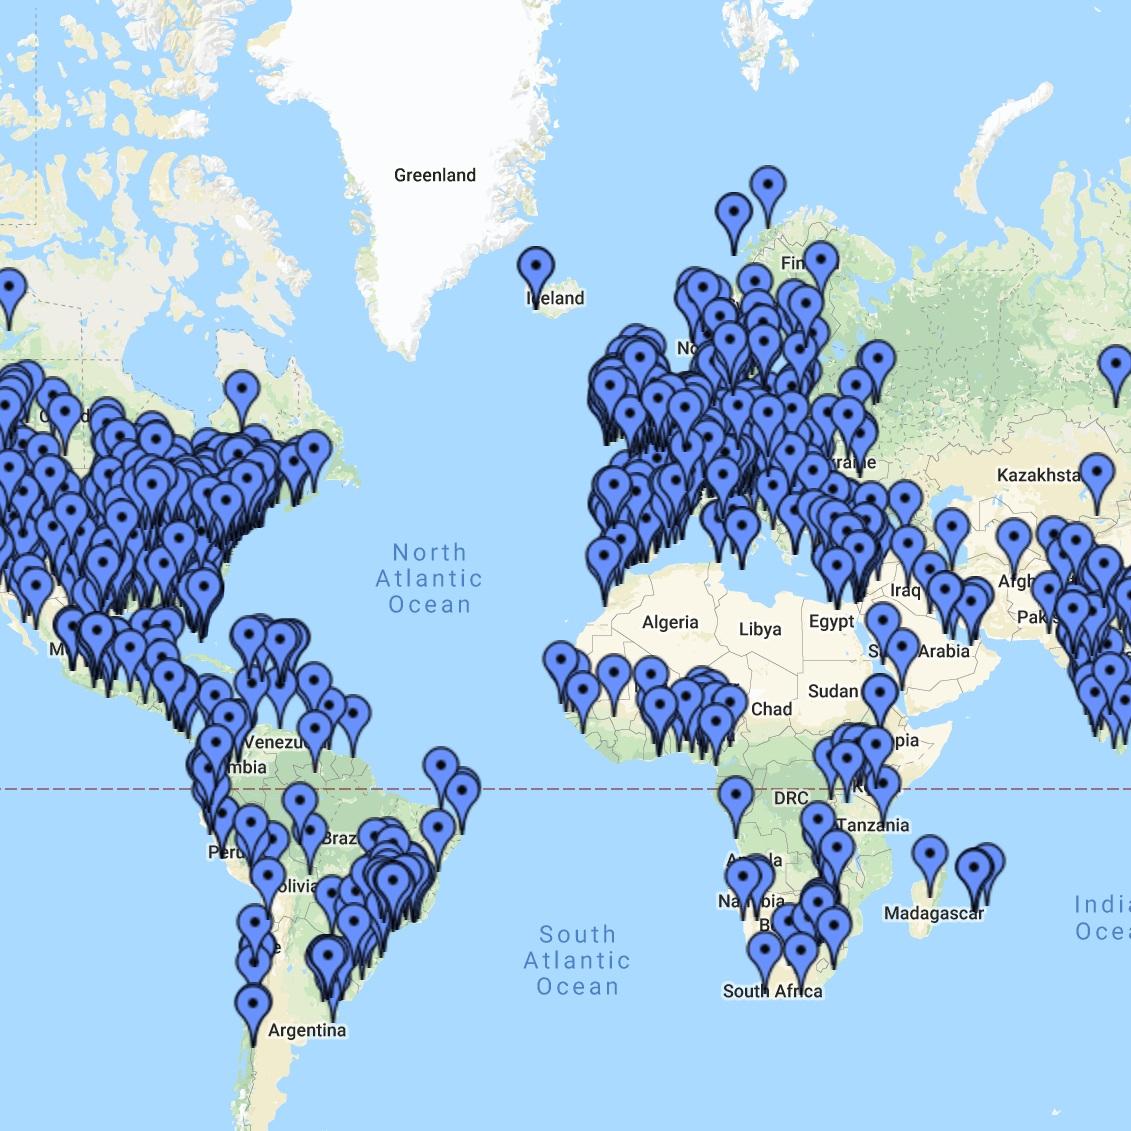 Comunidad Online - Tenemos miembros de nuestra comunidad a lo largo del todo el mundo y de todos los sectores de la vida. ¿Cómo nos encontramos?Todos los participantes del Curso de Compasión pueden ser parte de nuestro grupo privado de Facebook y su foro. Ambos son una forma genial de mantenernos conectados con nuestra comunidad 24/7. Este año añadiremos contenido en video también.Los participantes que comparten sus experiencias con el curso obtienen un aprendizaje más profundo, apoyo, inspiración y diversión.Haz click aquí para ver nuestro mapa interactivo completo